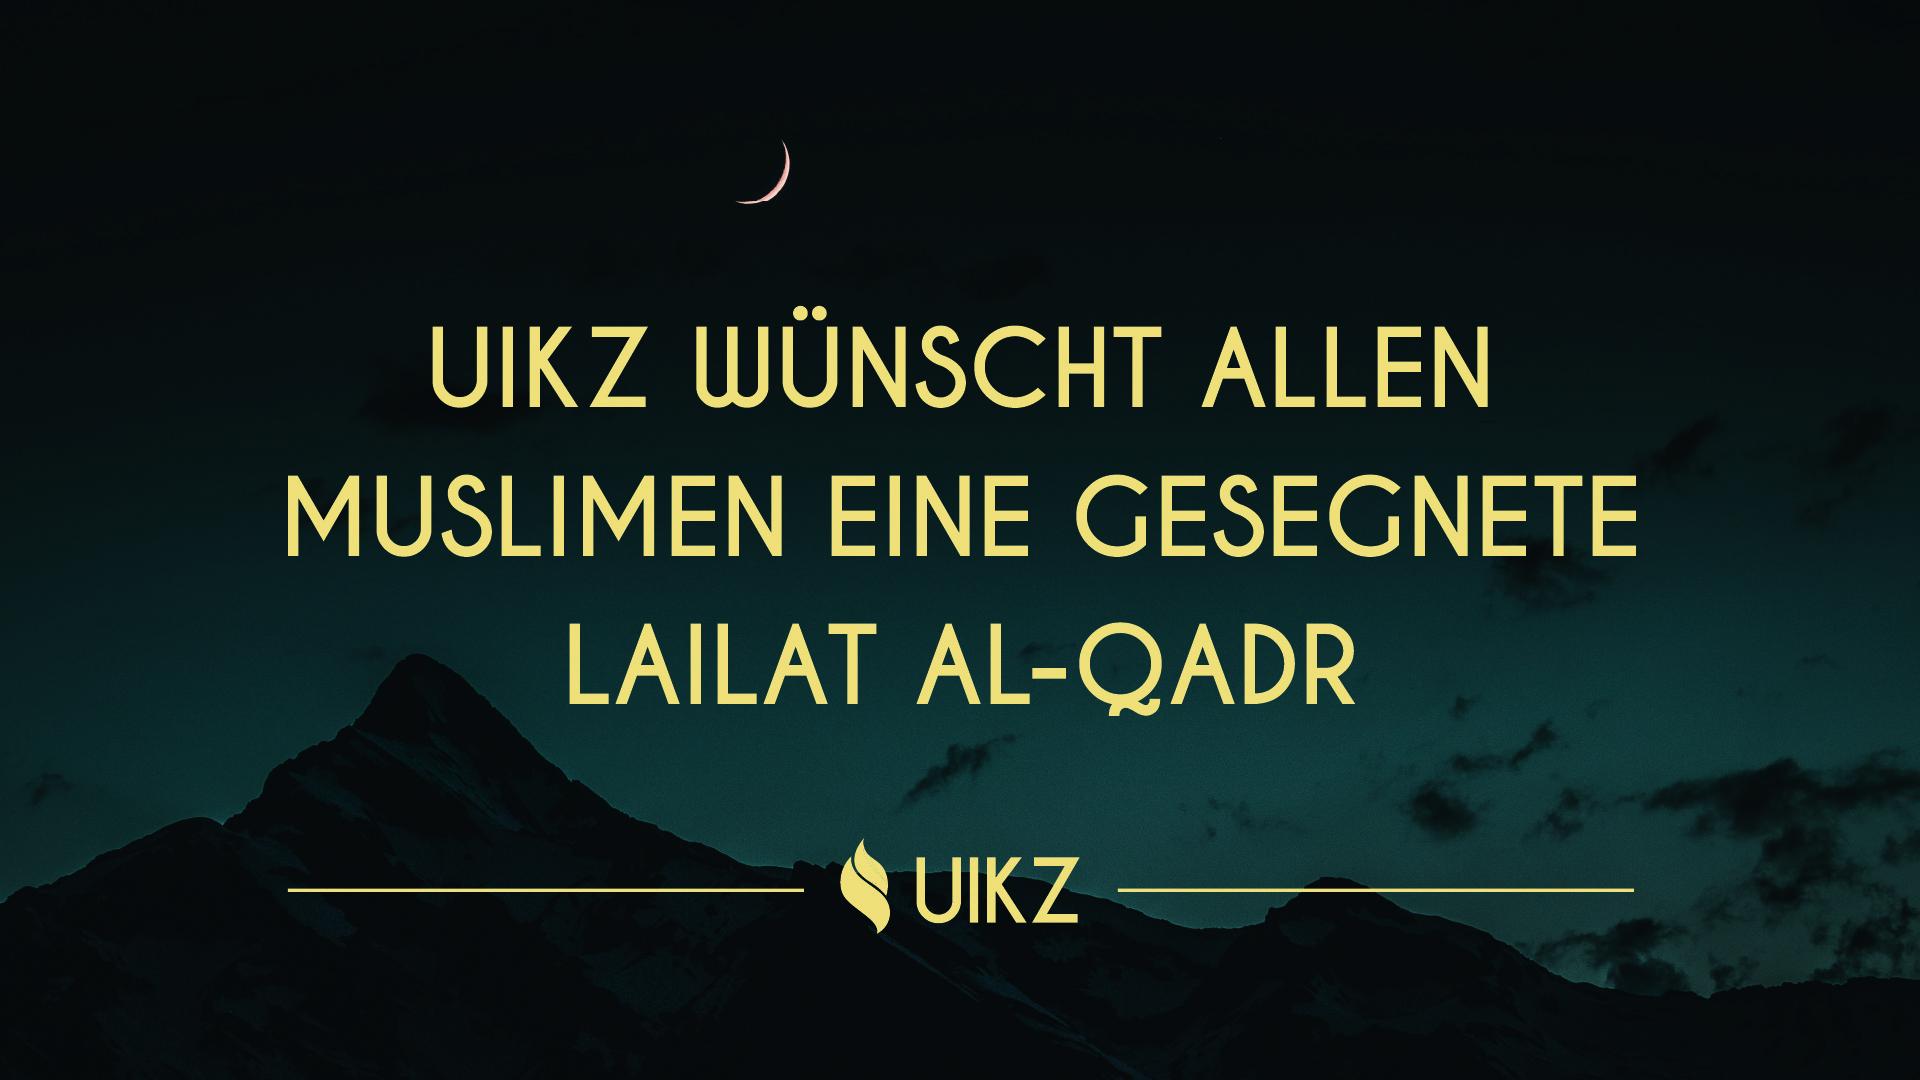 Lailat al-Qadr